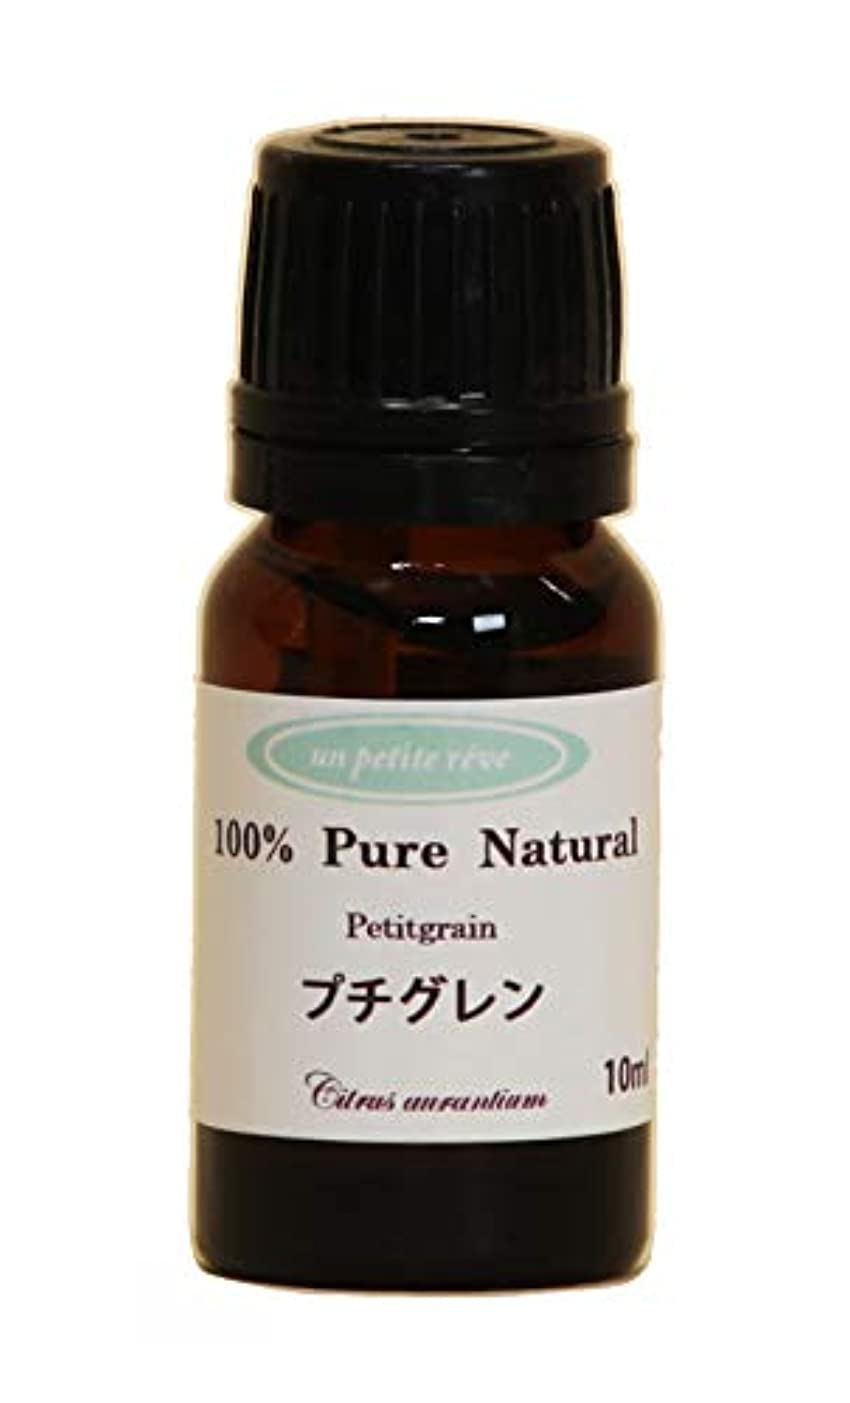 確認するクラック論理的にプチグレン 10ml 100%天然アロマエッセンシャルオイル(精油)